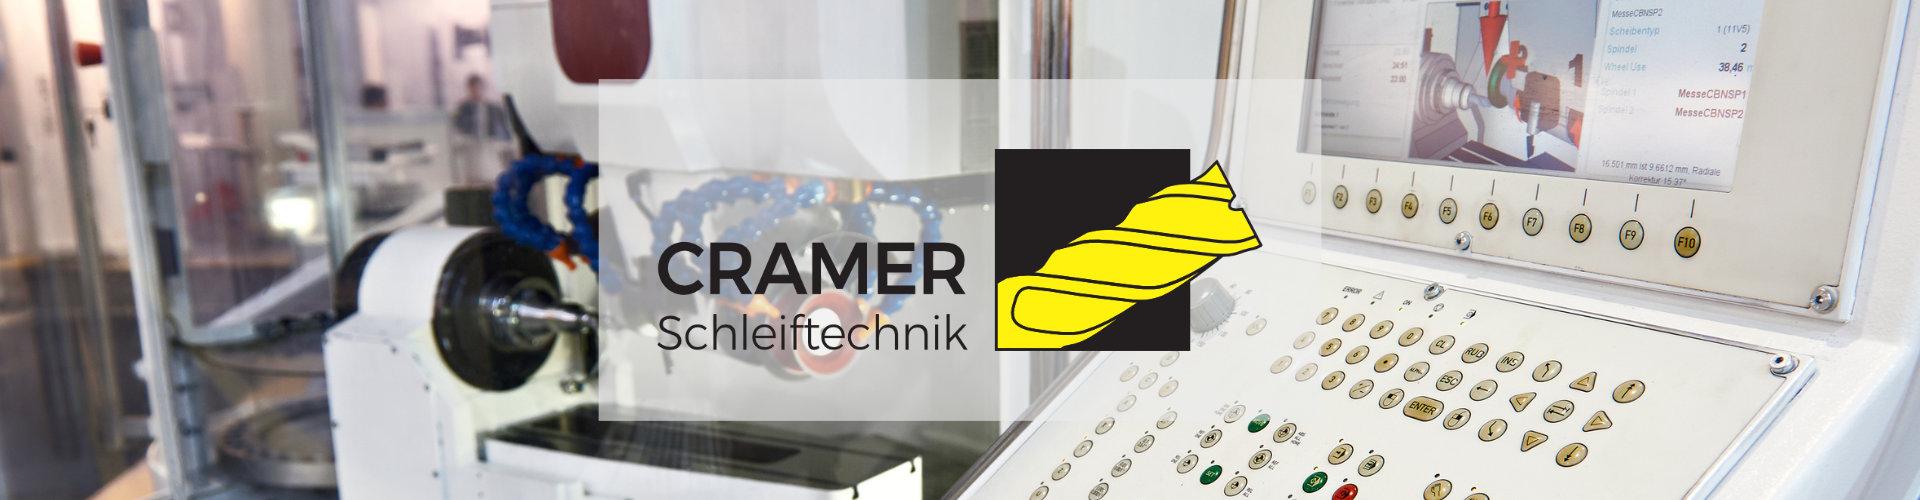 CRAMER Schleiftechnik NRW - Nachschleifservice